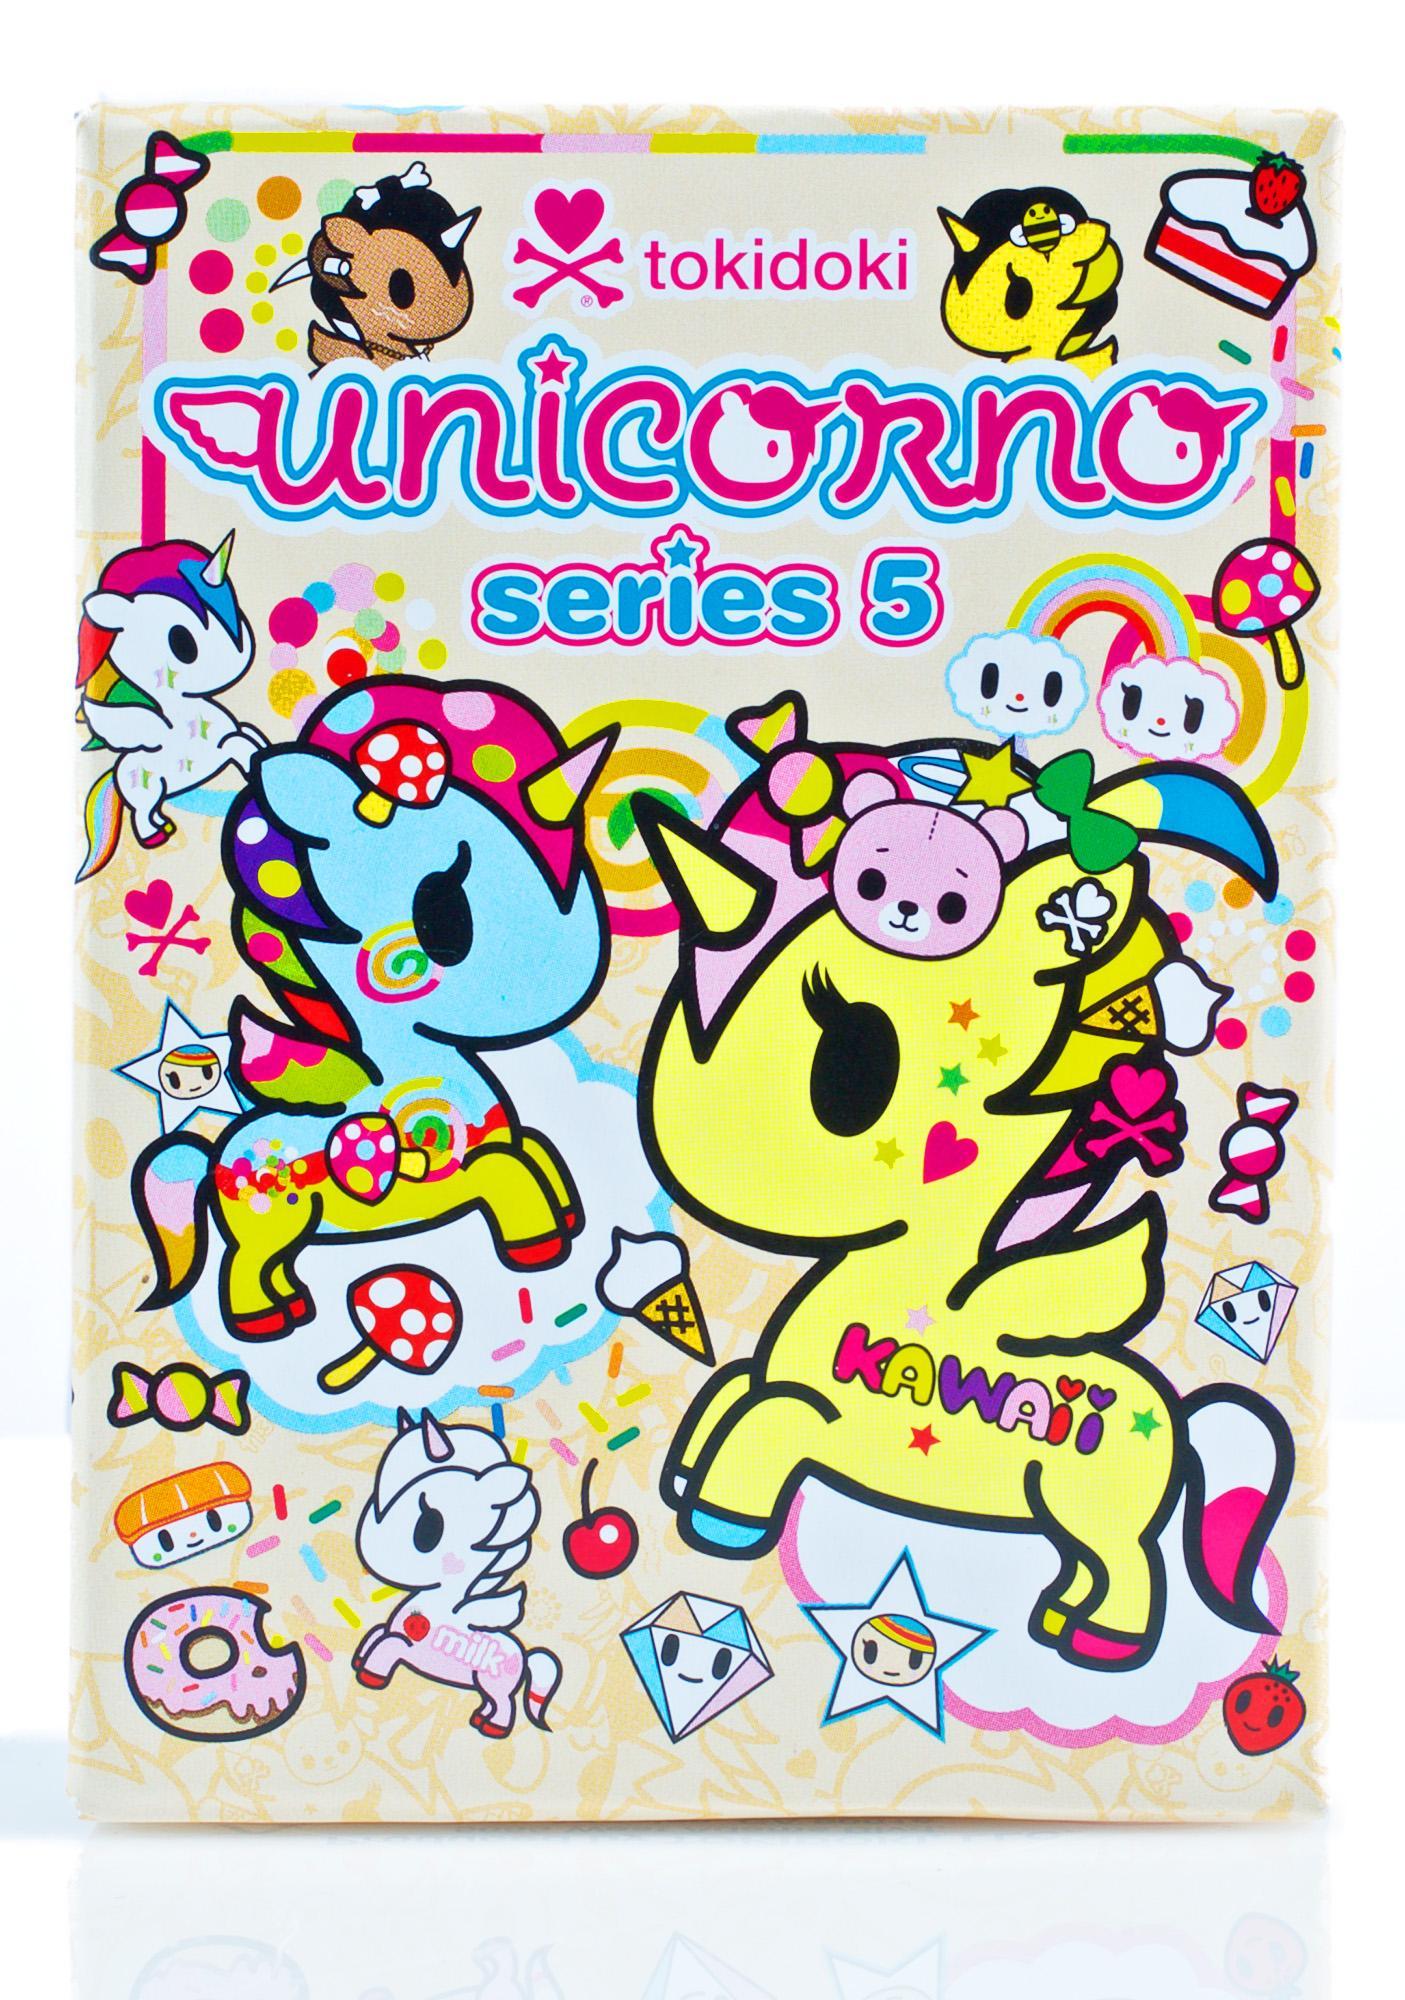 Tokidoki Unicorno Series 5 Blind Box